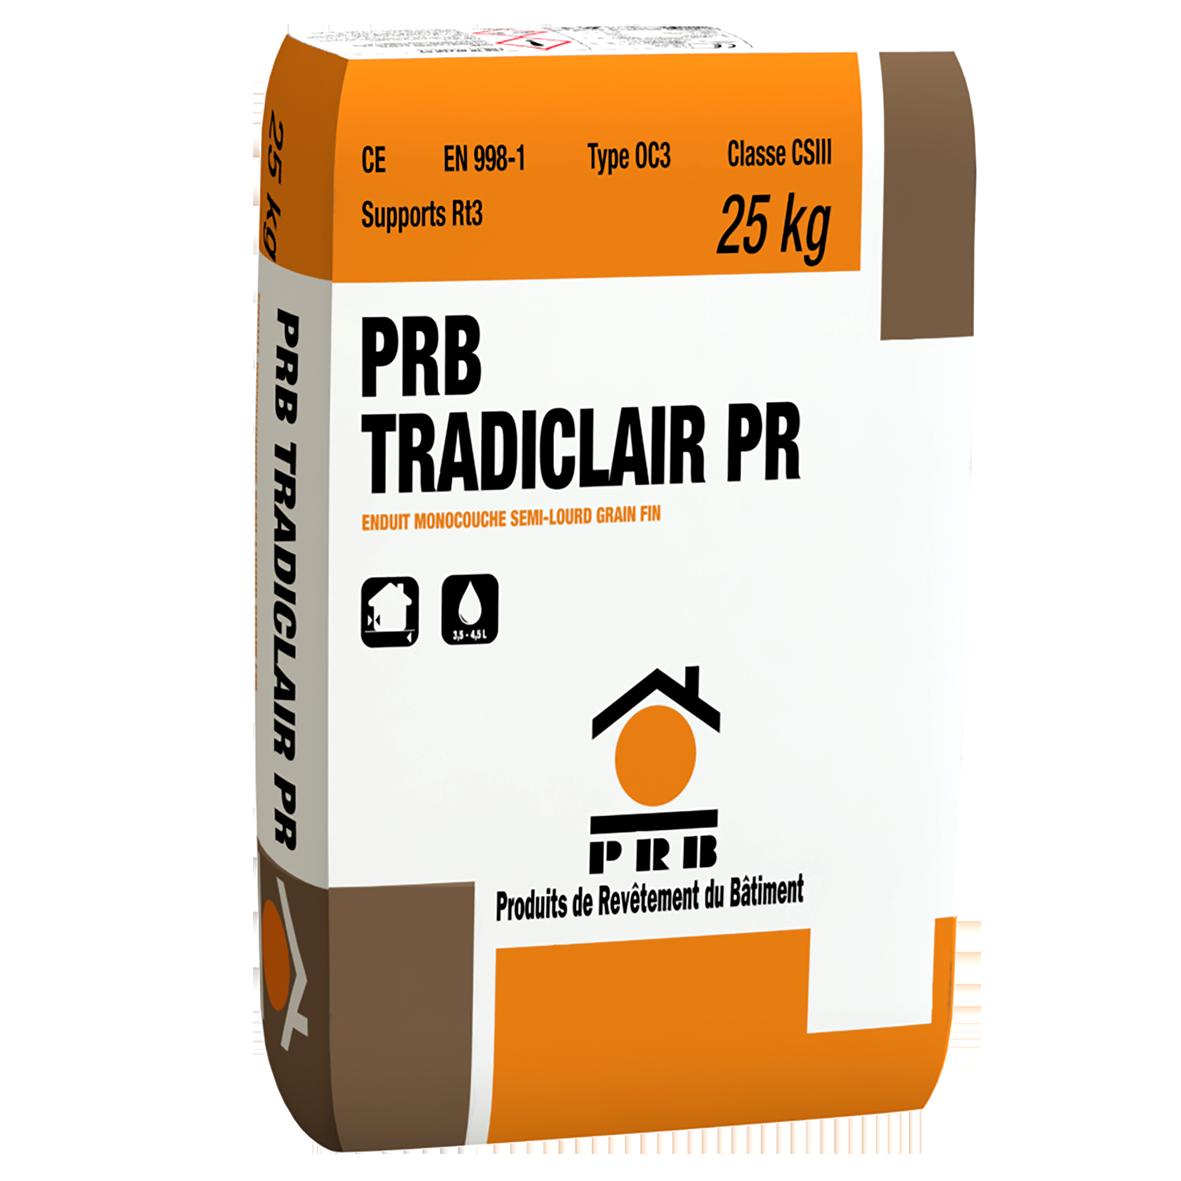 PRB TRADICLAIR PR 25 KG